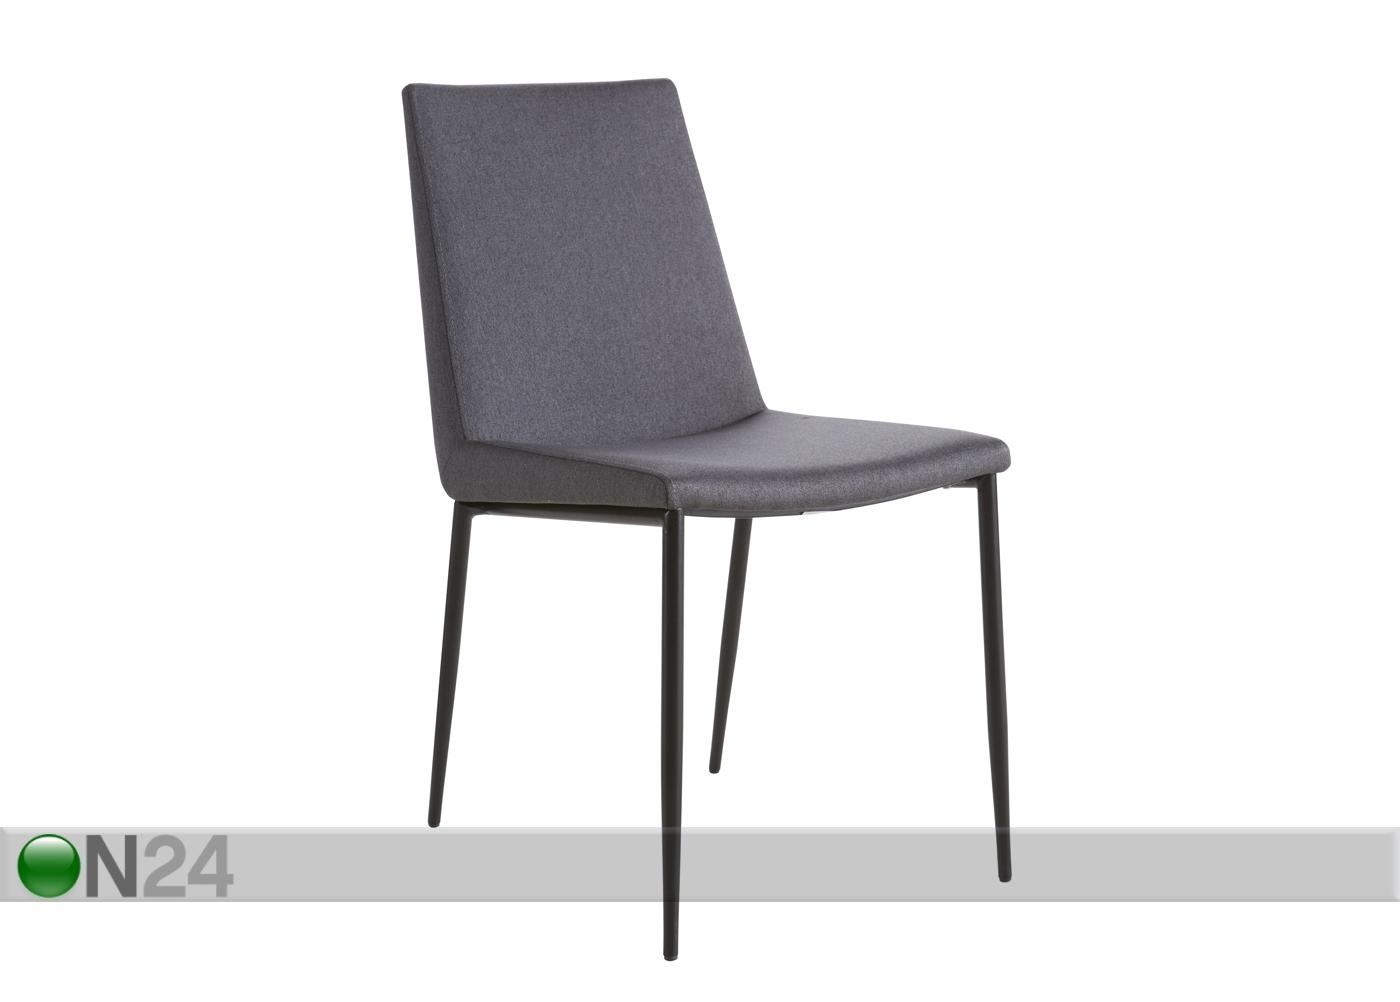 Pöydät ja tuolit Puutarhakalusteet Puutarha - Pöydät ja tuolit